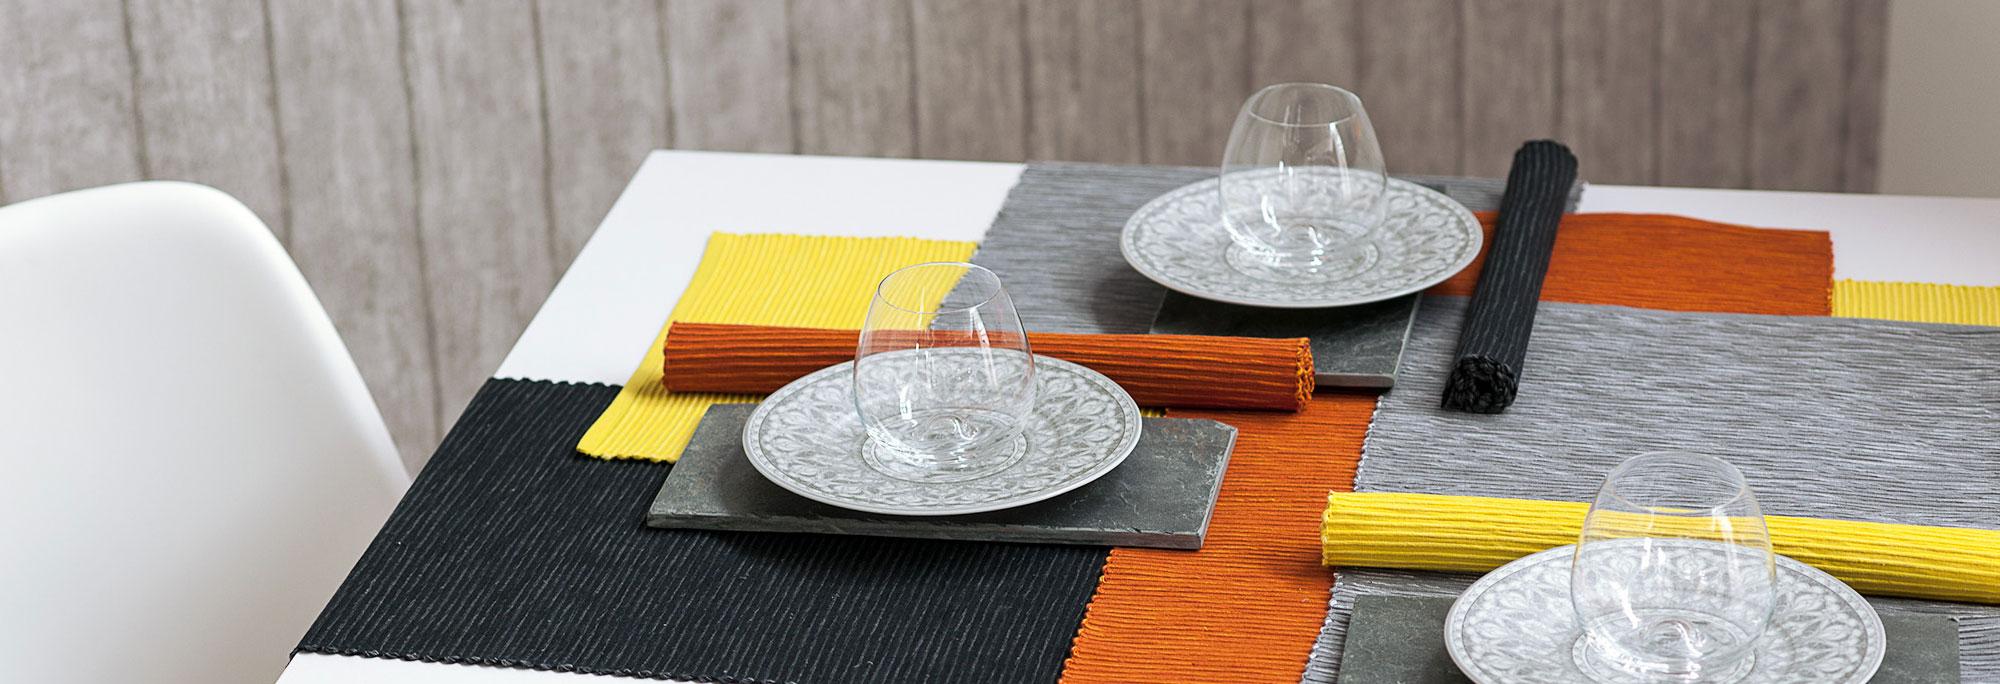 tisch decken tischdecken so decken sie ihren tisch wie im tischdecken baskische plauener. Black Bedroom Furniture Sets. Home Design Ideas